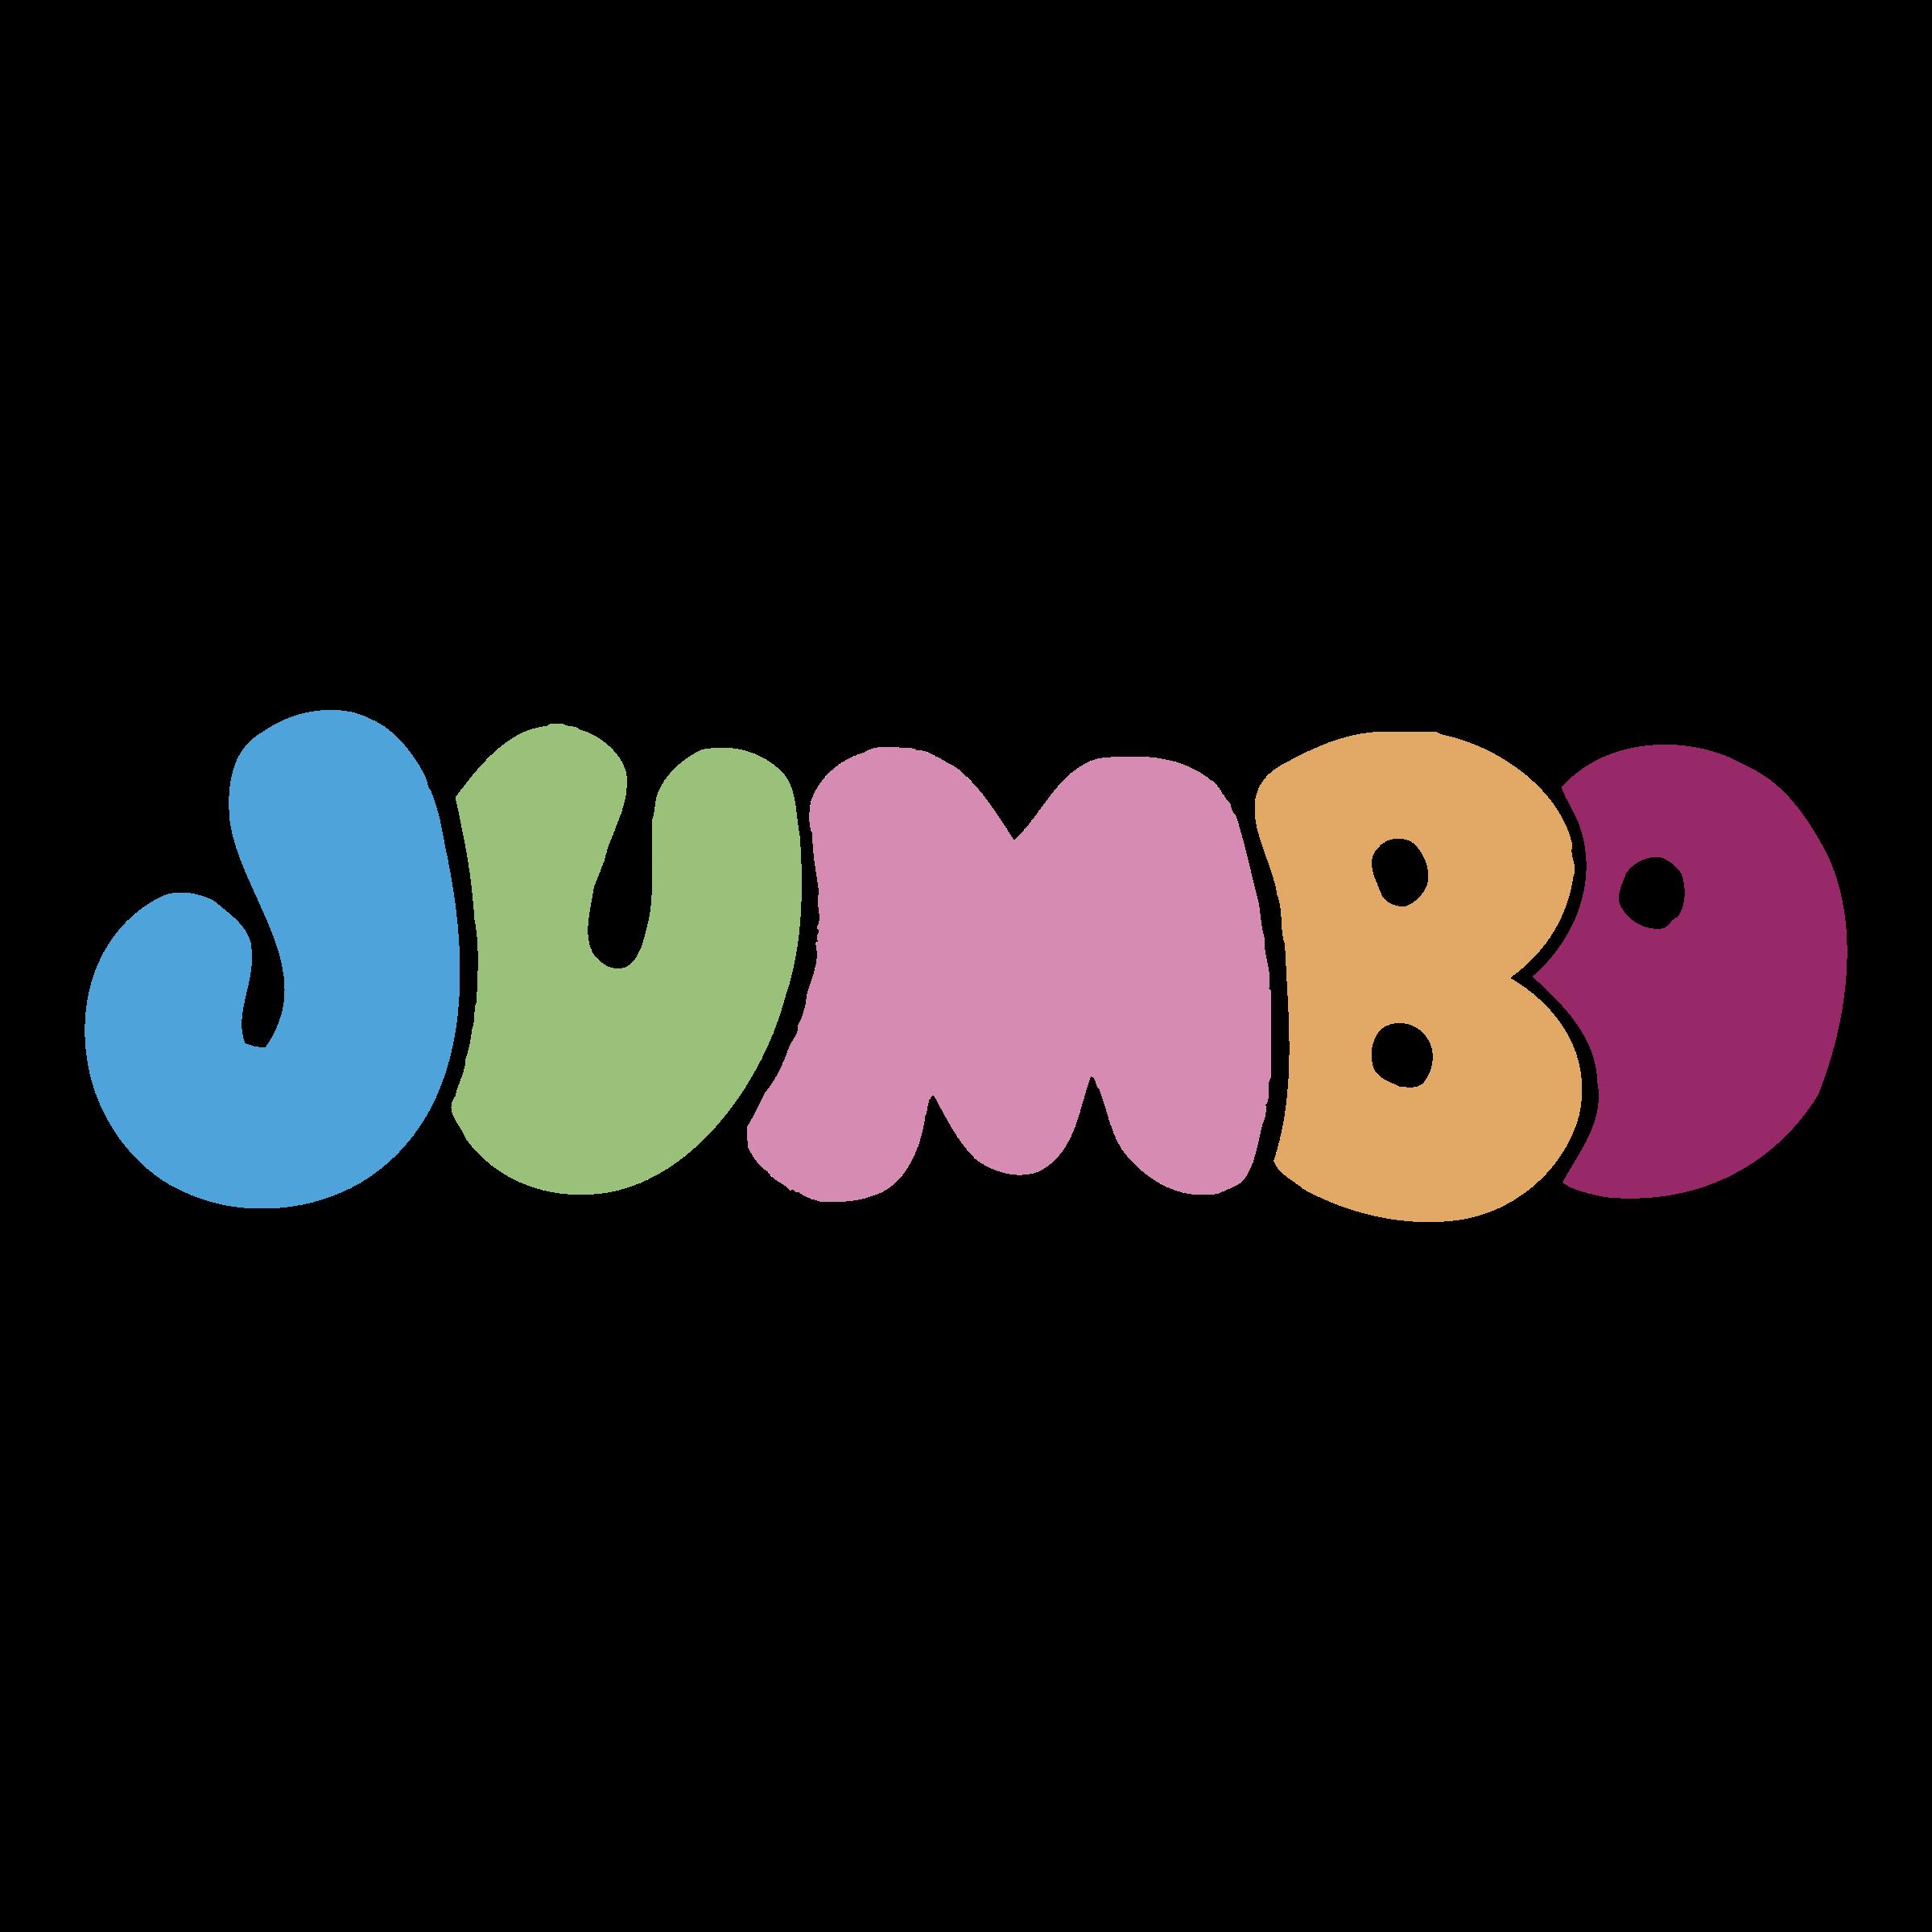 Jumbo Logo PNG Transparent & SVG Vector.